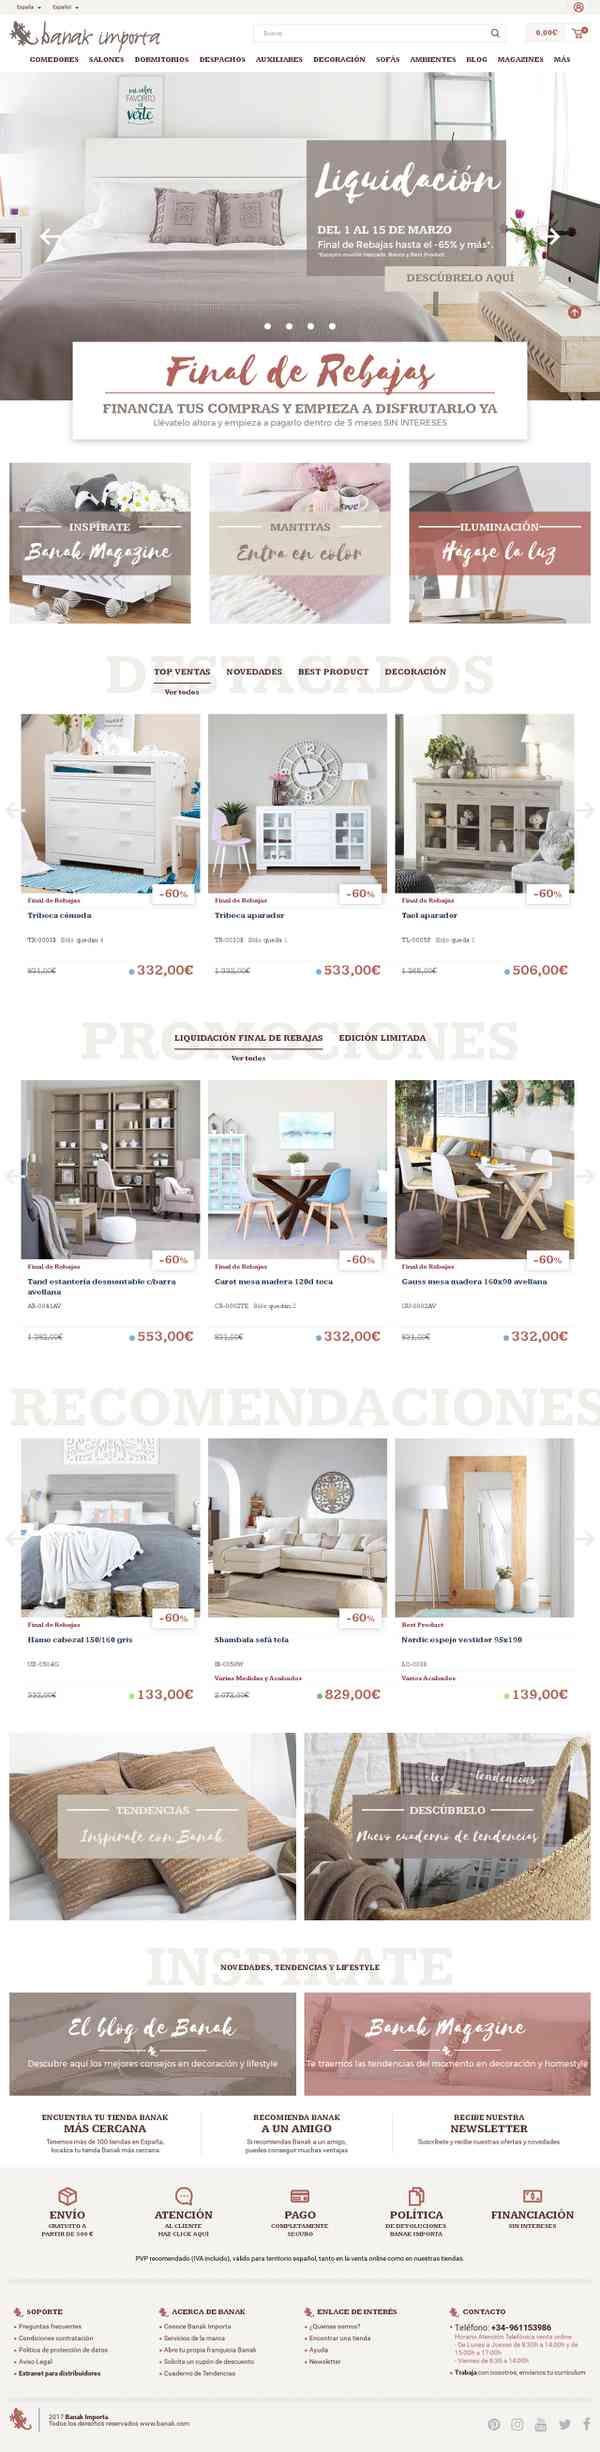 Mueble y decoración de estilo colonial | Banak Importa